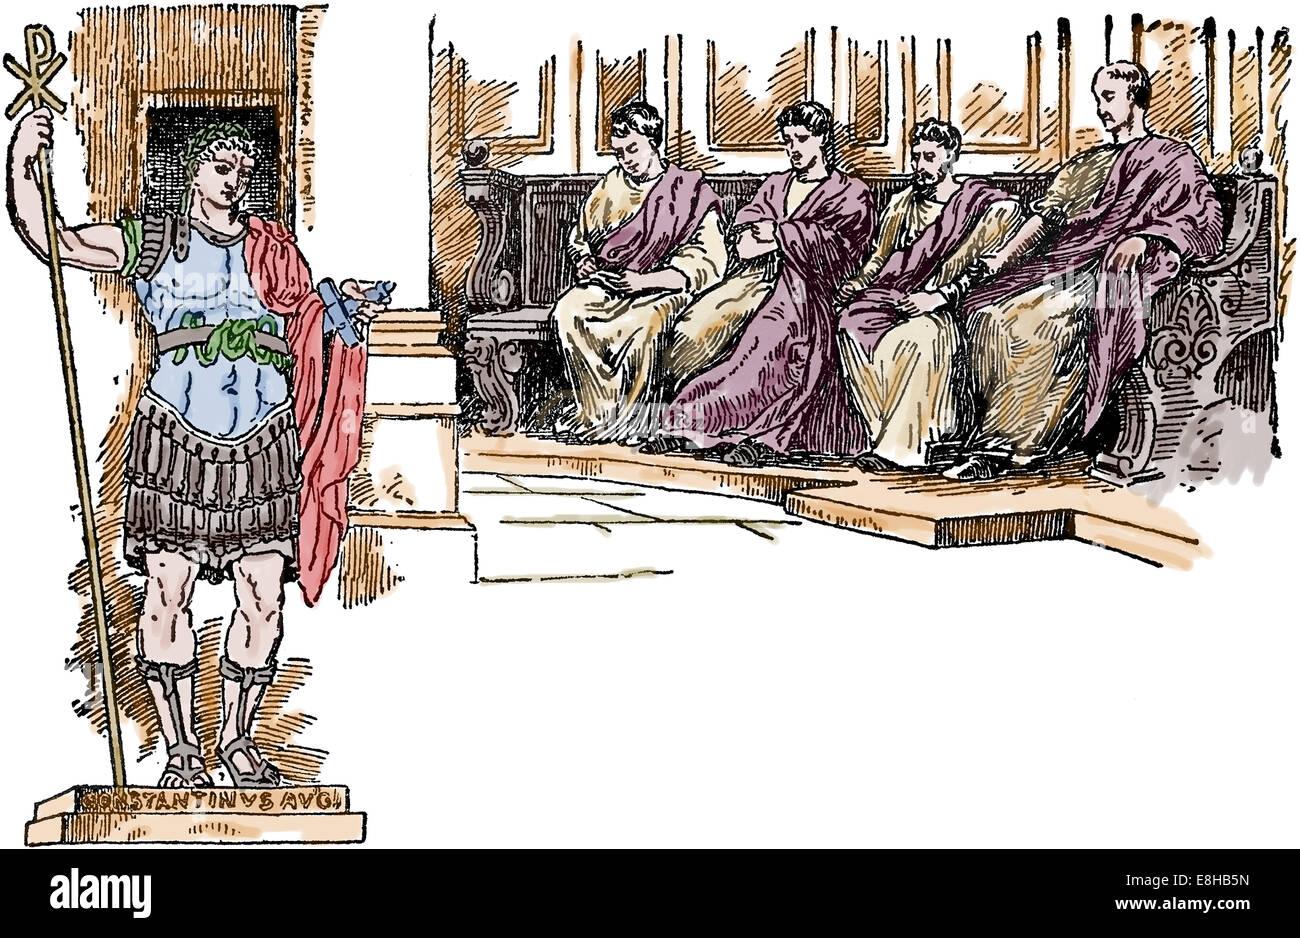 L'Est de l'Empire romain. La cour byzantine. Le progrès du monde. 1913. La gravure. Plus tard la couleur. Photo Stock